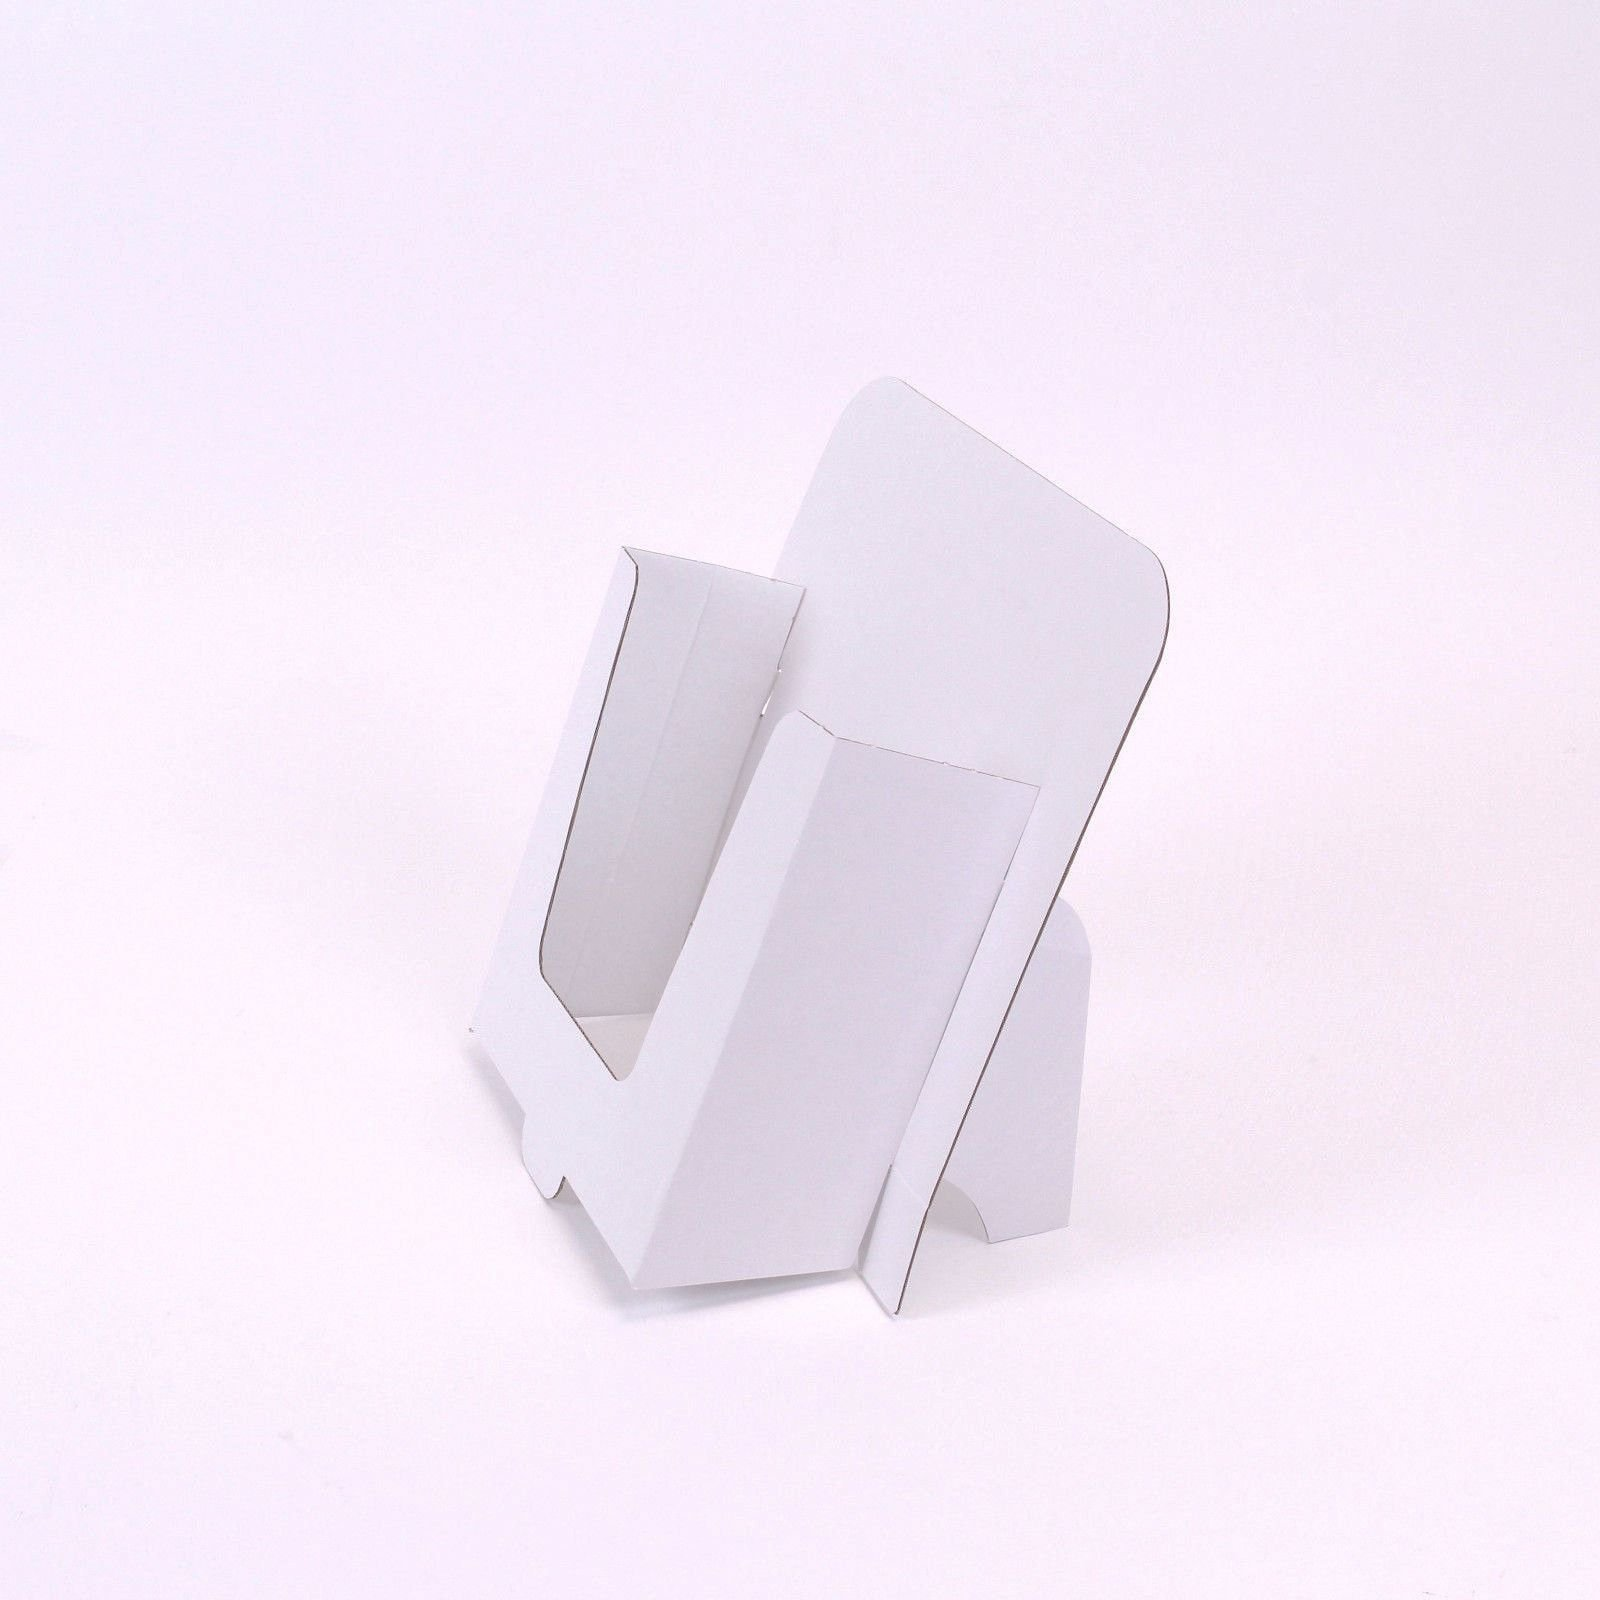 Cardboard Leaflet Holder A20 Pack of 20 Cardboard Brochure Holders ...